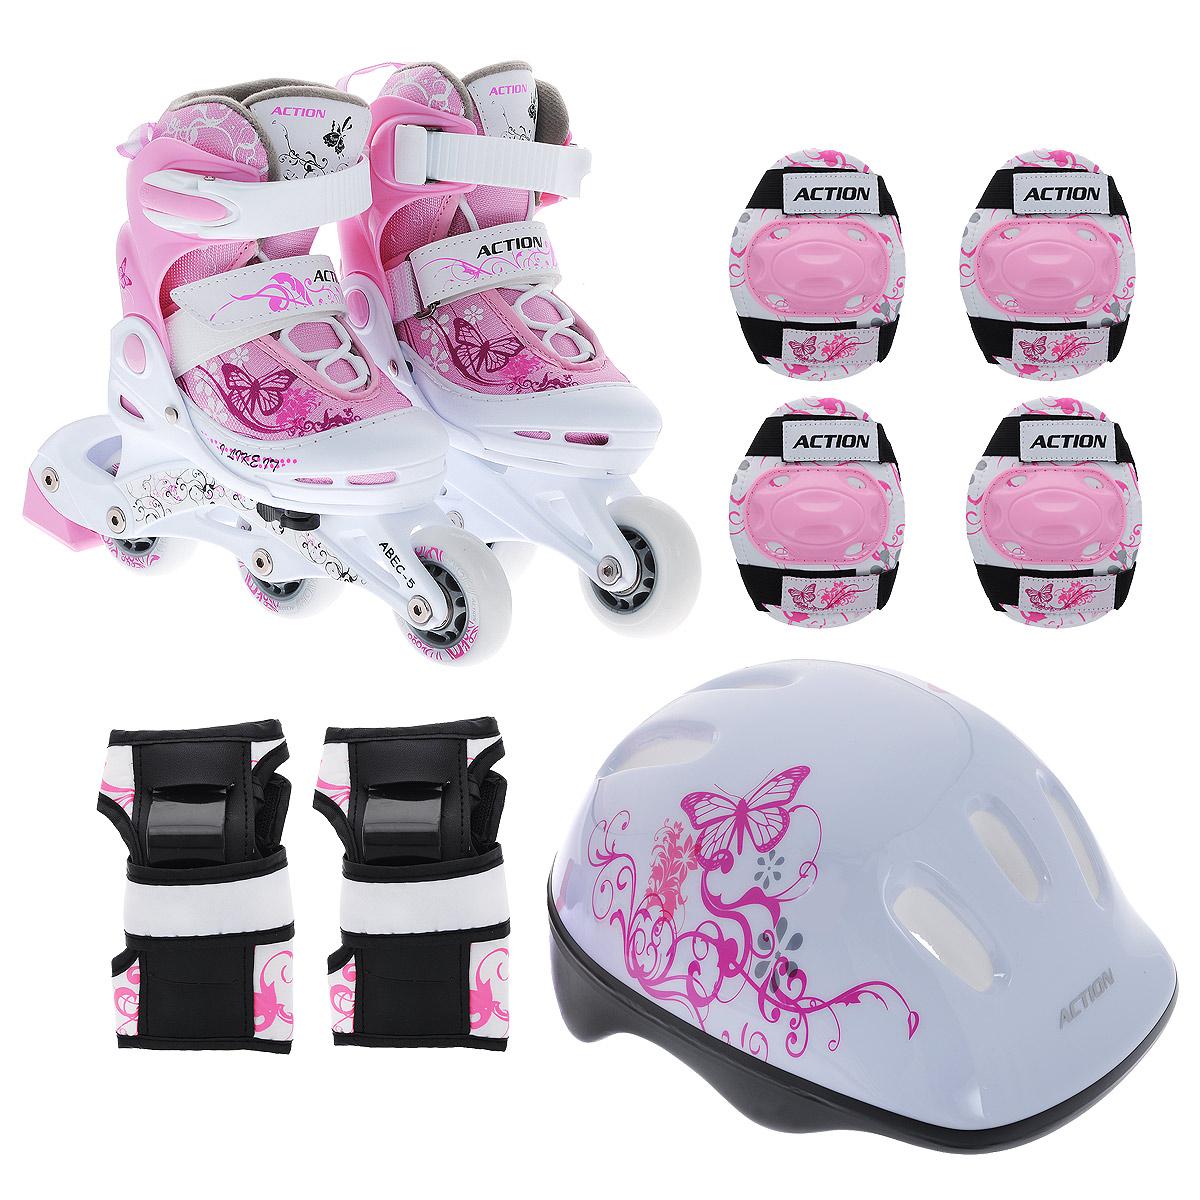 Набор Action: коньки роликовые, защита, шлем, цвет: розовый, белый. PW-117P. Размер 34/37CS-ESCOOTER-S2Набор для катания на роликах Action состоит из роликовых коньков, защиты и шлема.Ролики: шасси - пластик, подшипник - ABEC-5, колеса - ПВХ (64 мм).Шлем: материал - пенополистирол с отверстиями для вентиляции головы.Защита: для локтей, колен, запястий; принт на тканевых (нейлон) элементах. УВАЖАЕМЫЕ КЛИЕНТЫ!Обращаем ваше внимание на различие в количестве колес в зависимости от размеров роликов: ролики размером 26/29 поставляются с 3 колесами, размерами 30/33 и 34/37 - с 4.